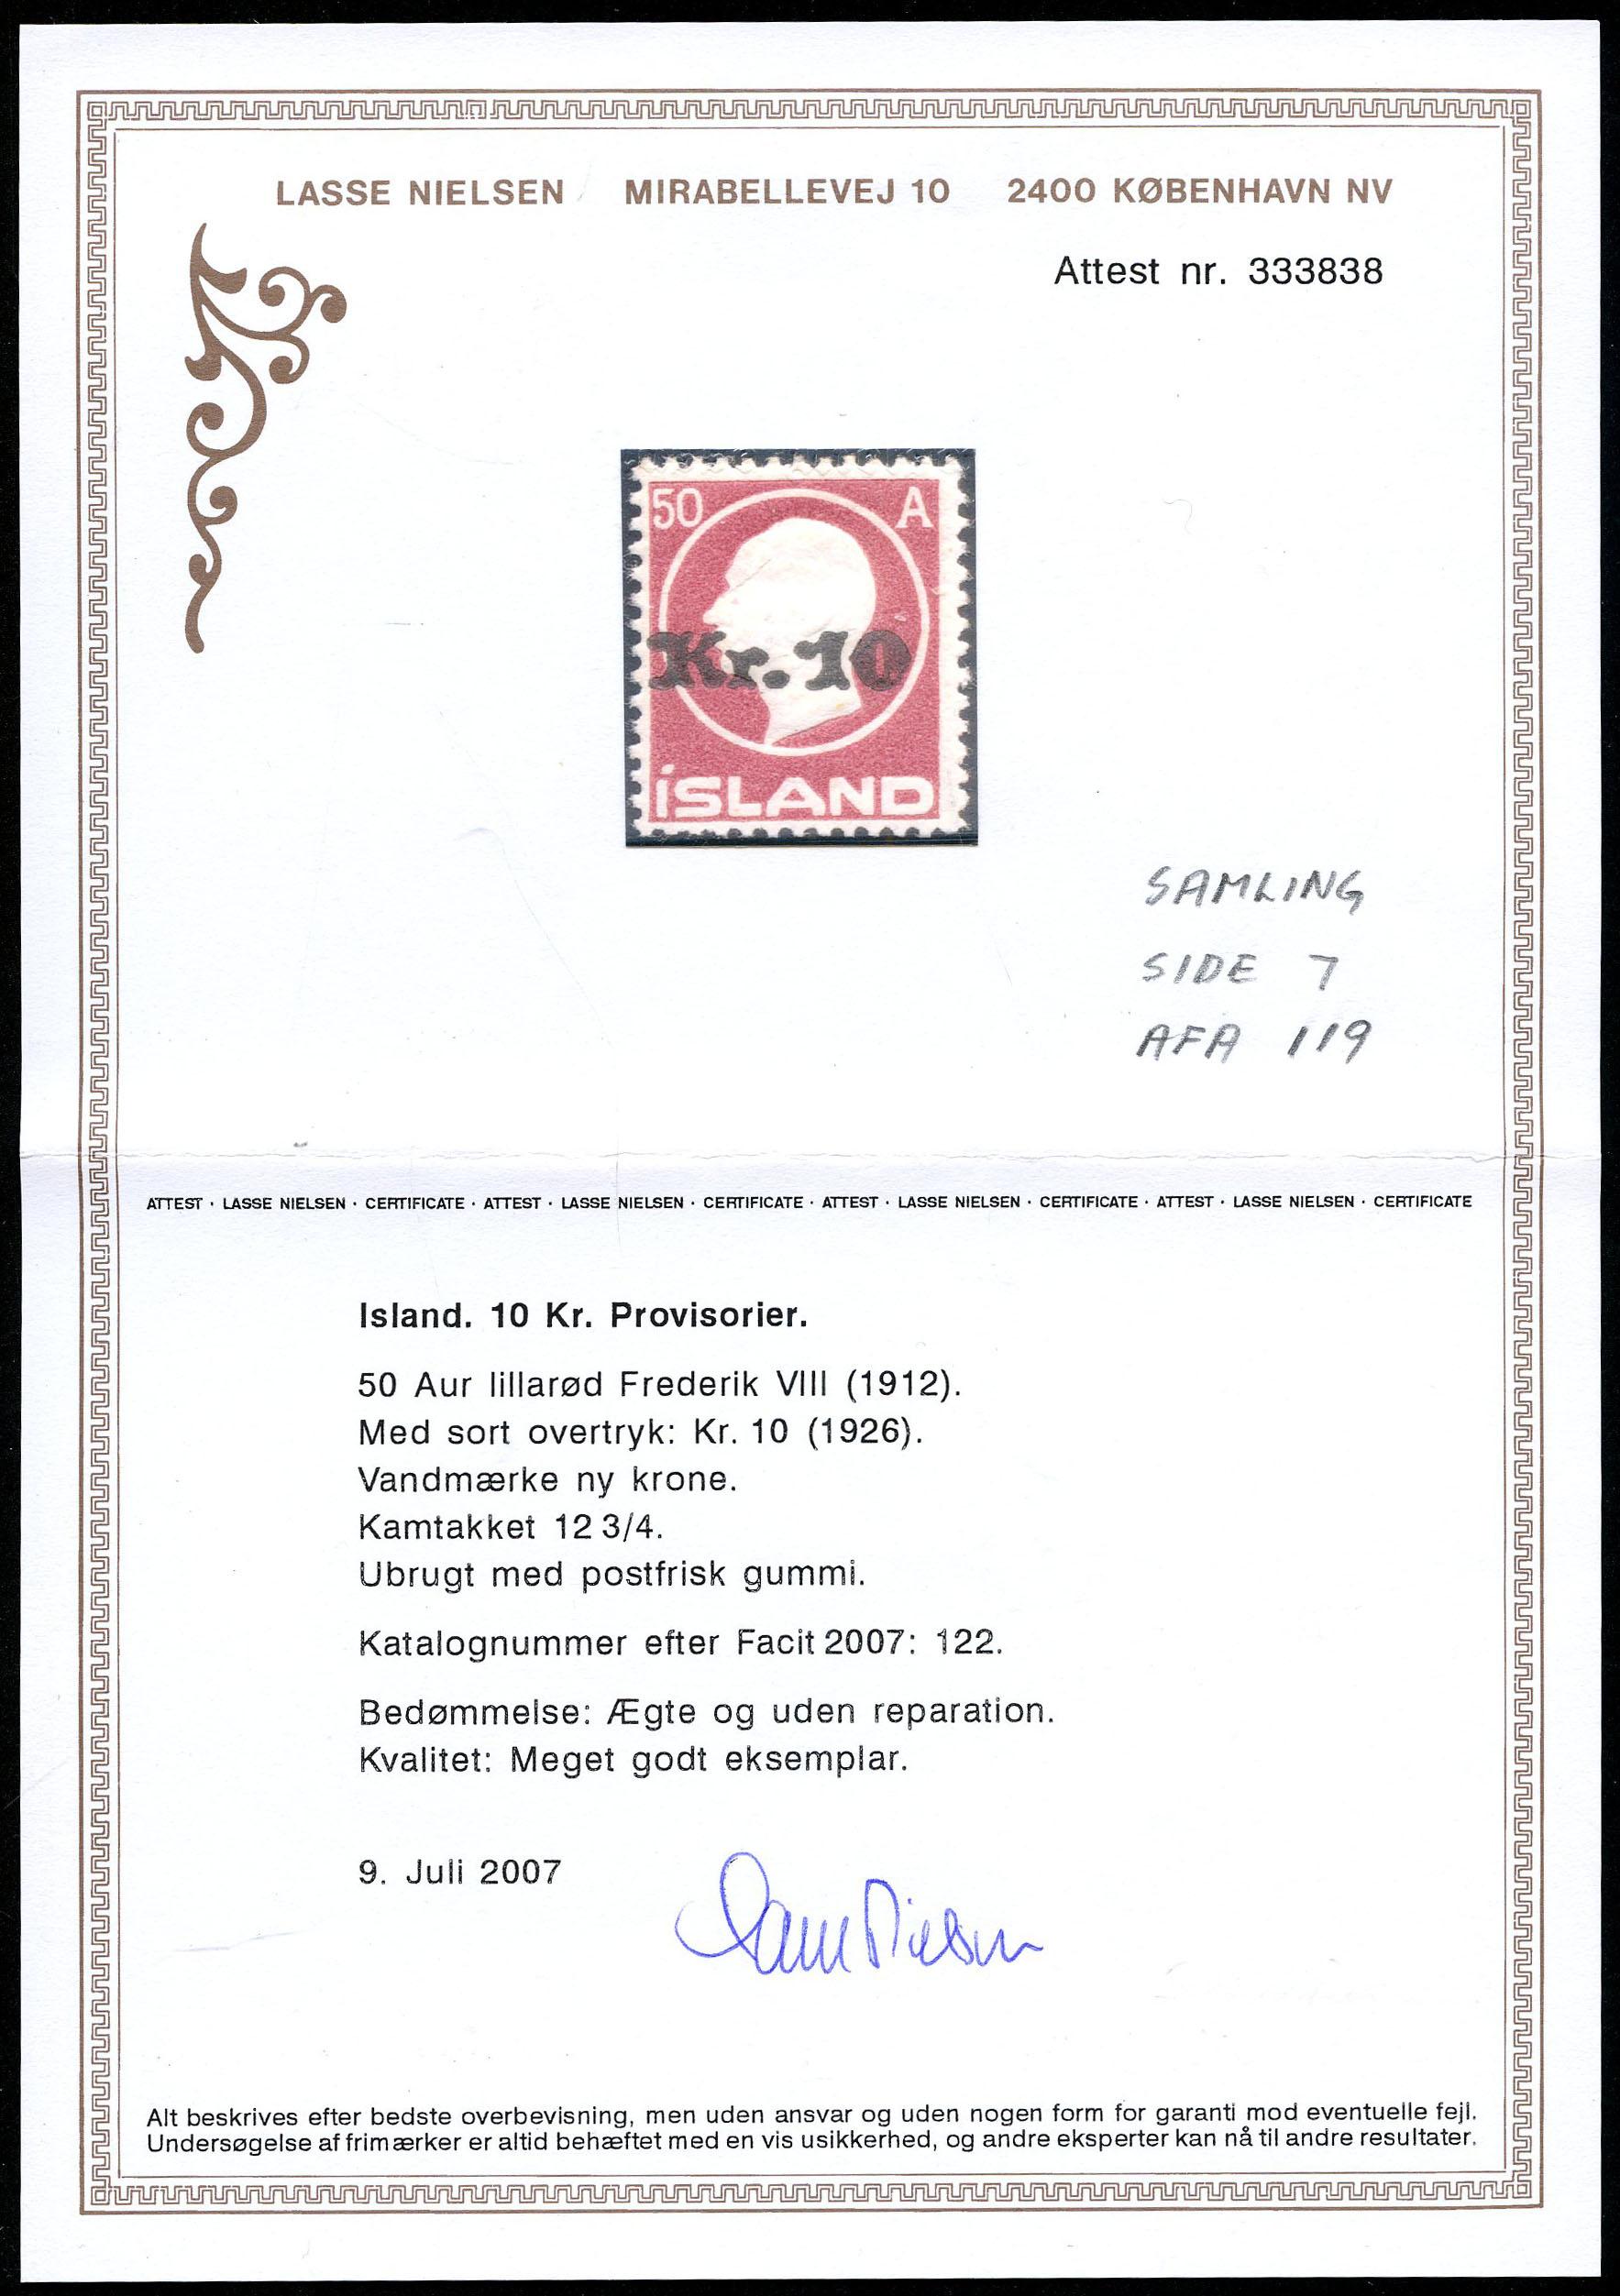 Lot 2096 - Island fra AFA 83 (AFA)  -  Skanfil Auksjoner AS  Public auction 211